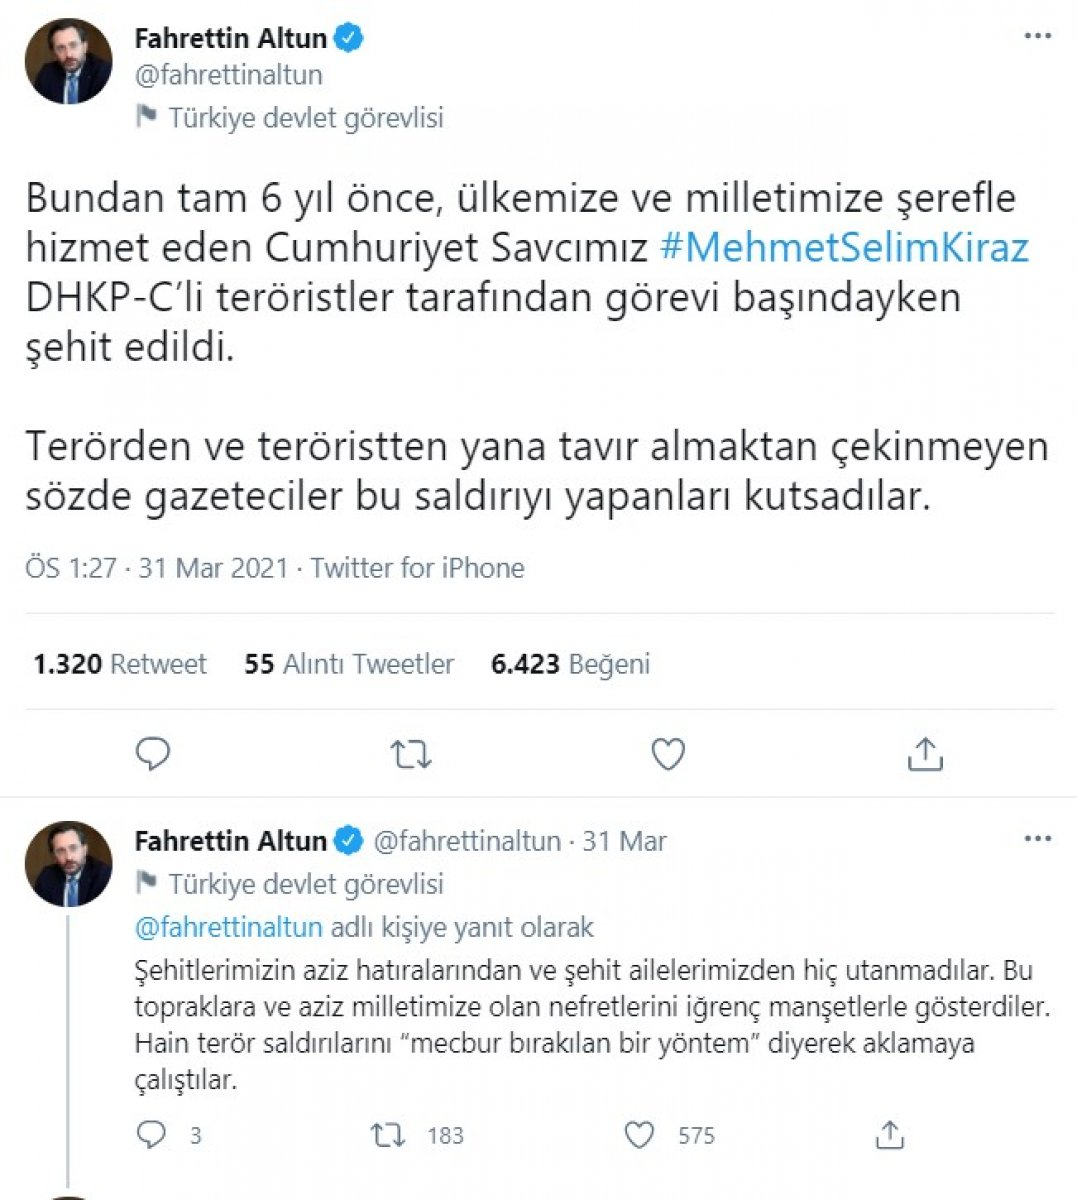 Ahmet Şık, Fahrettin Altun'un paylaşımdan şikayetçi oldu #2